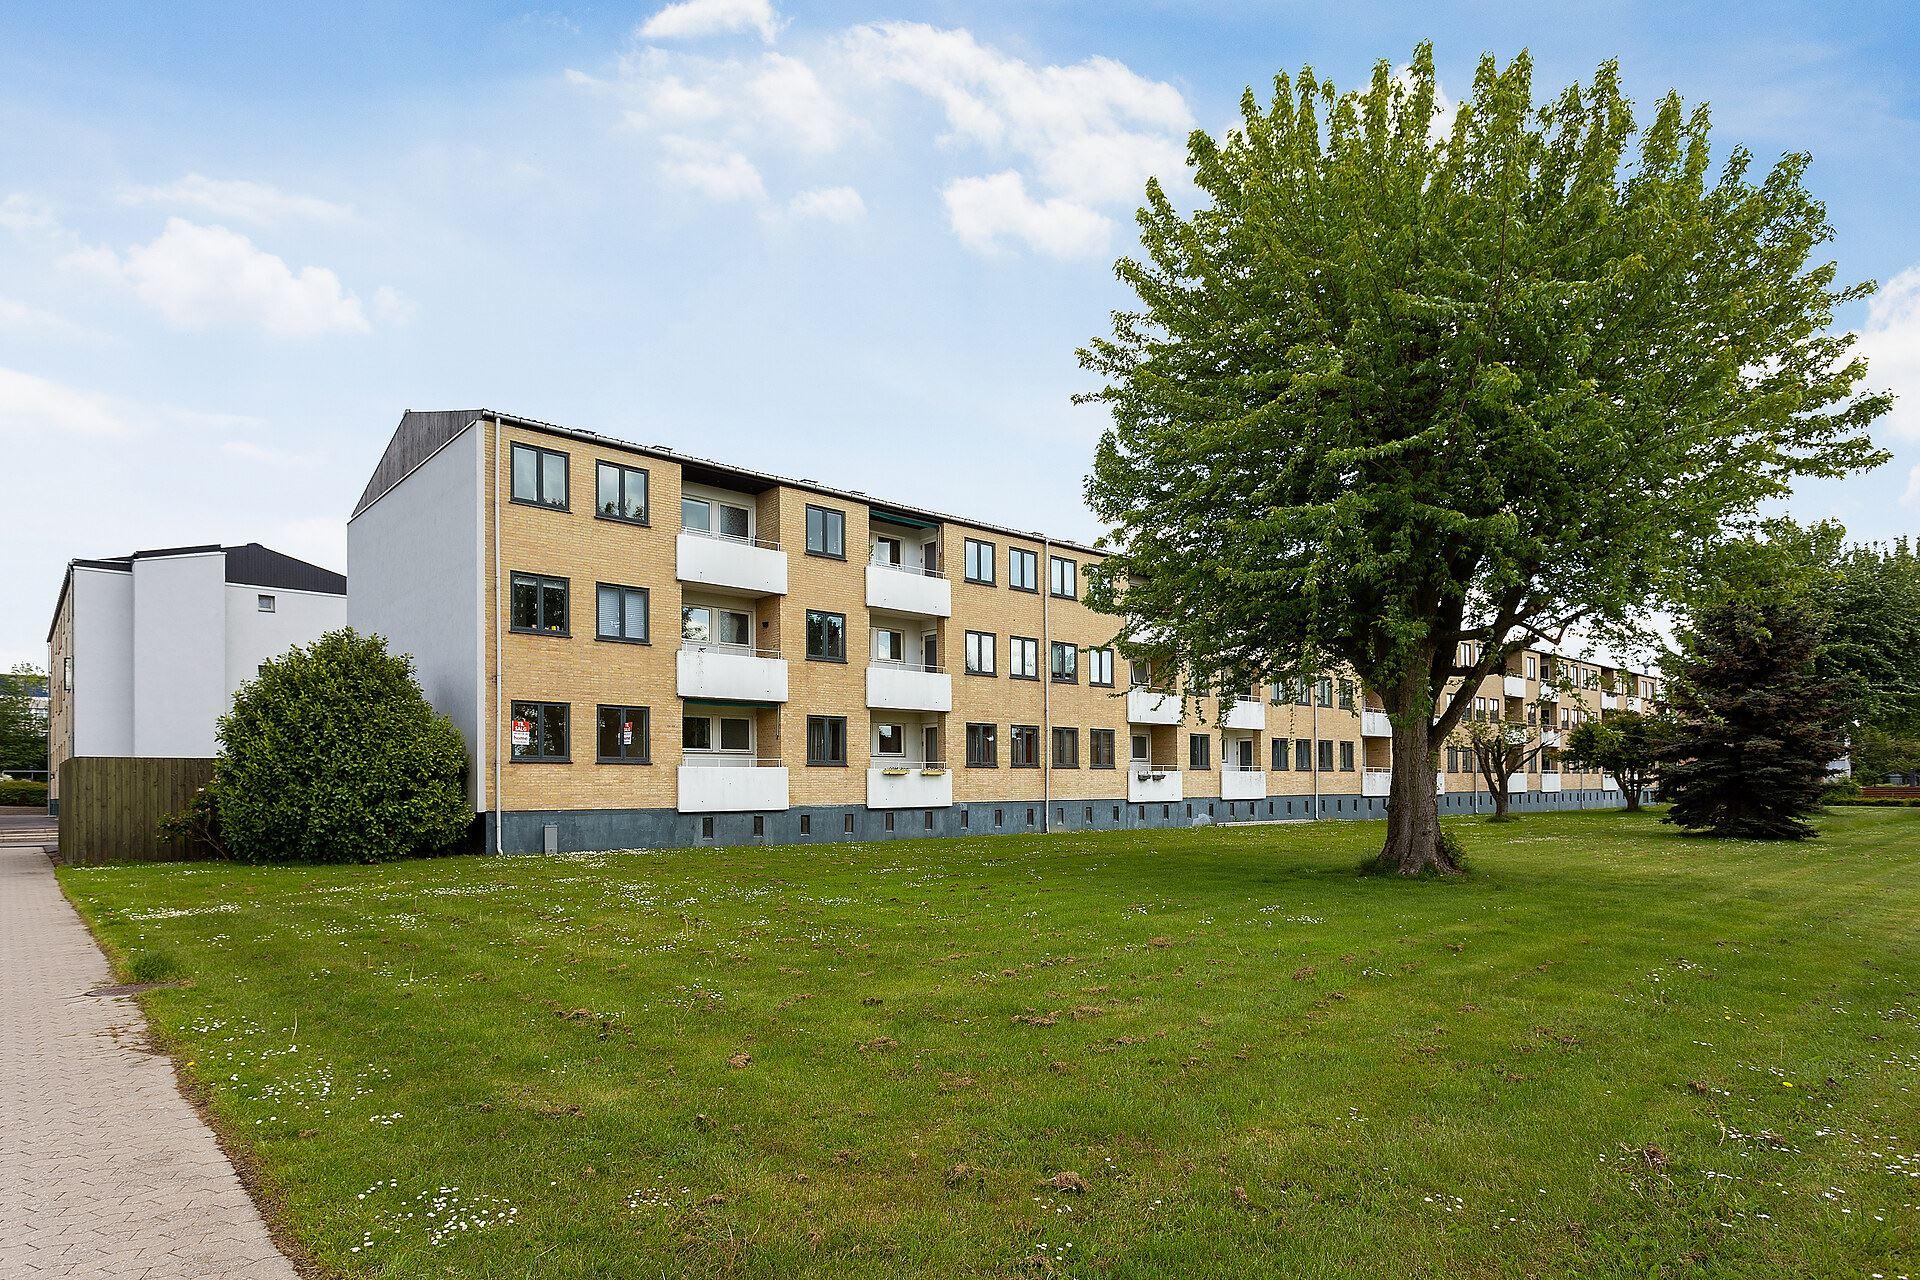 Pilegårdsvej 50, 1. Dør/lejl. 4, 2860 Søborg